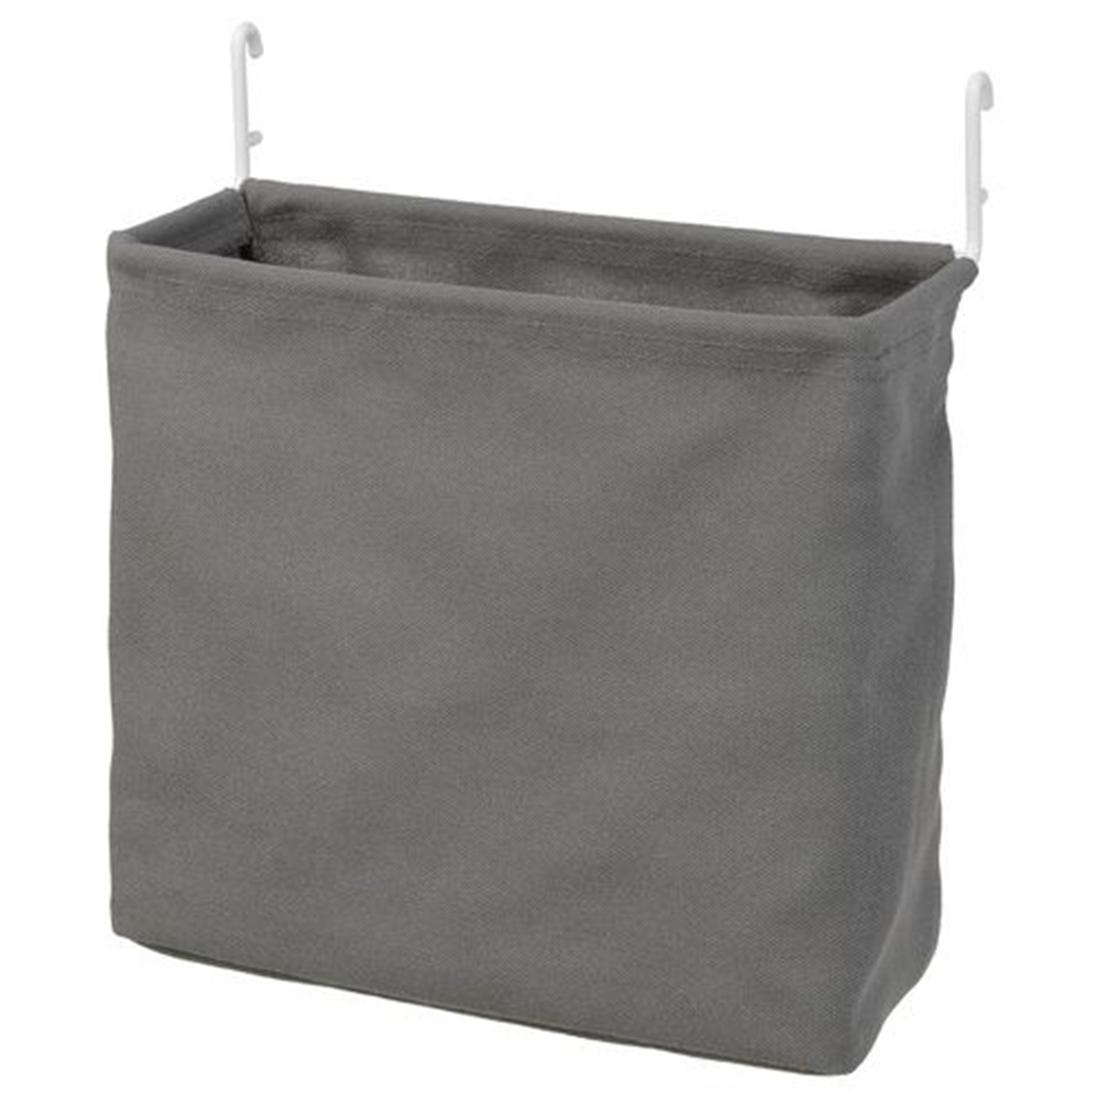 Текстильный контейнер, белый, серый СКОДИС [403.621.41] 403.621.41